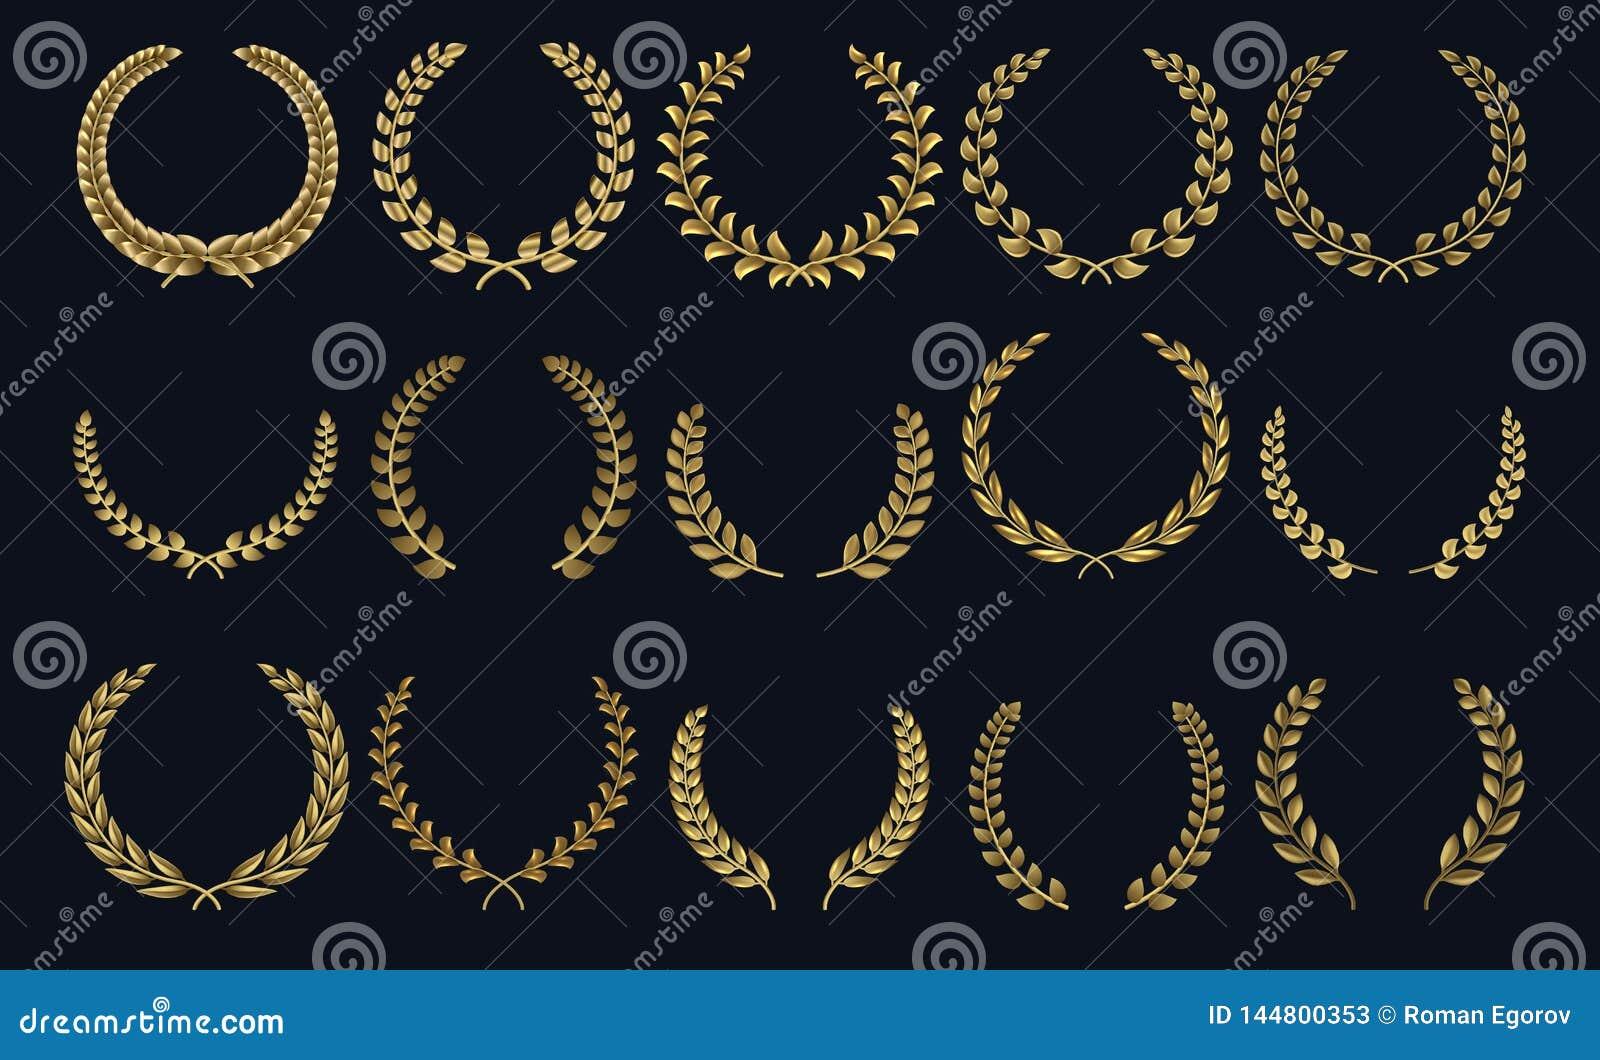 Золотой лавровый венок Реалистическая крона, приз победителя форм лист, foliate эмблемы гребня 3D Силуэты лавра вектора и